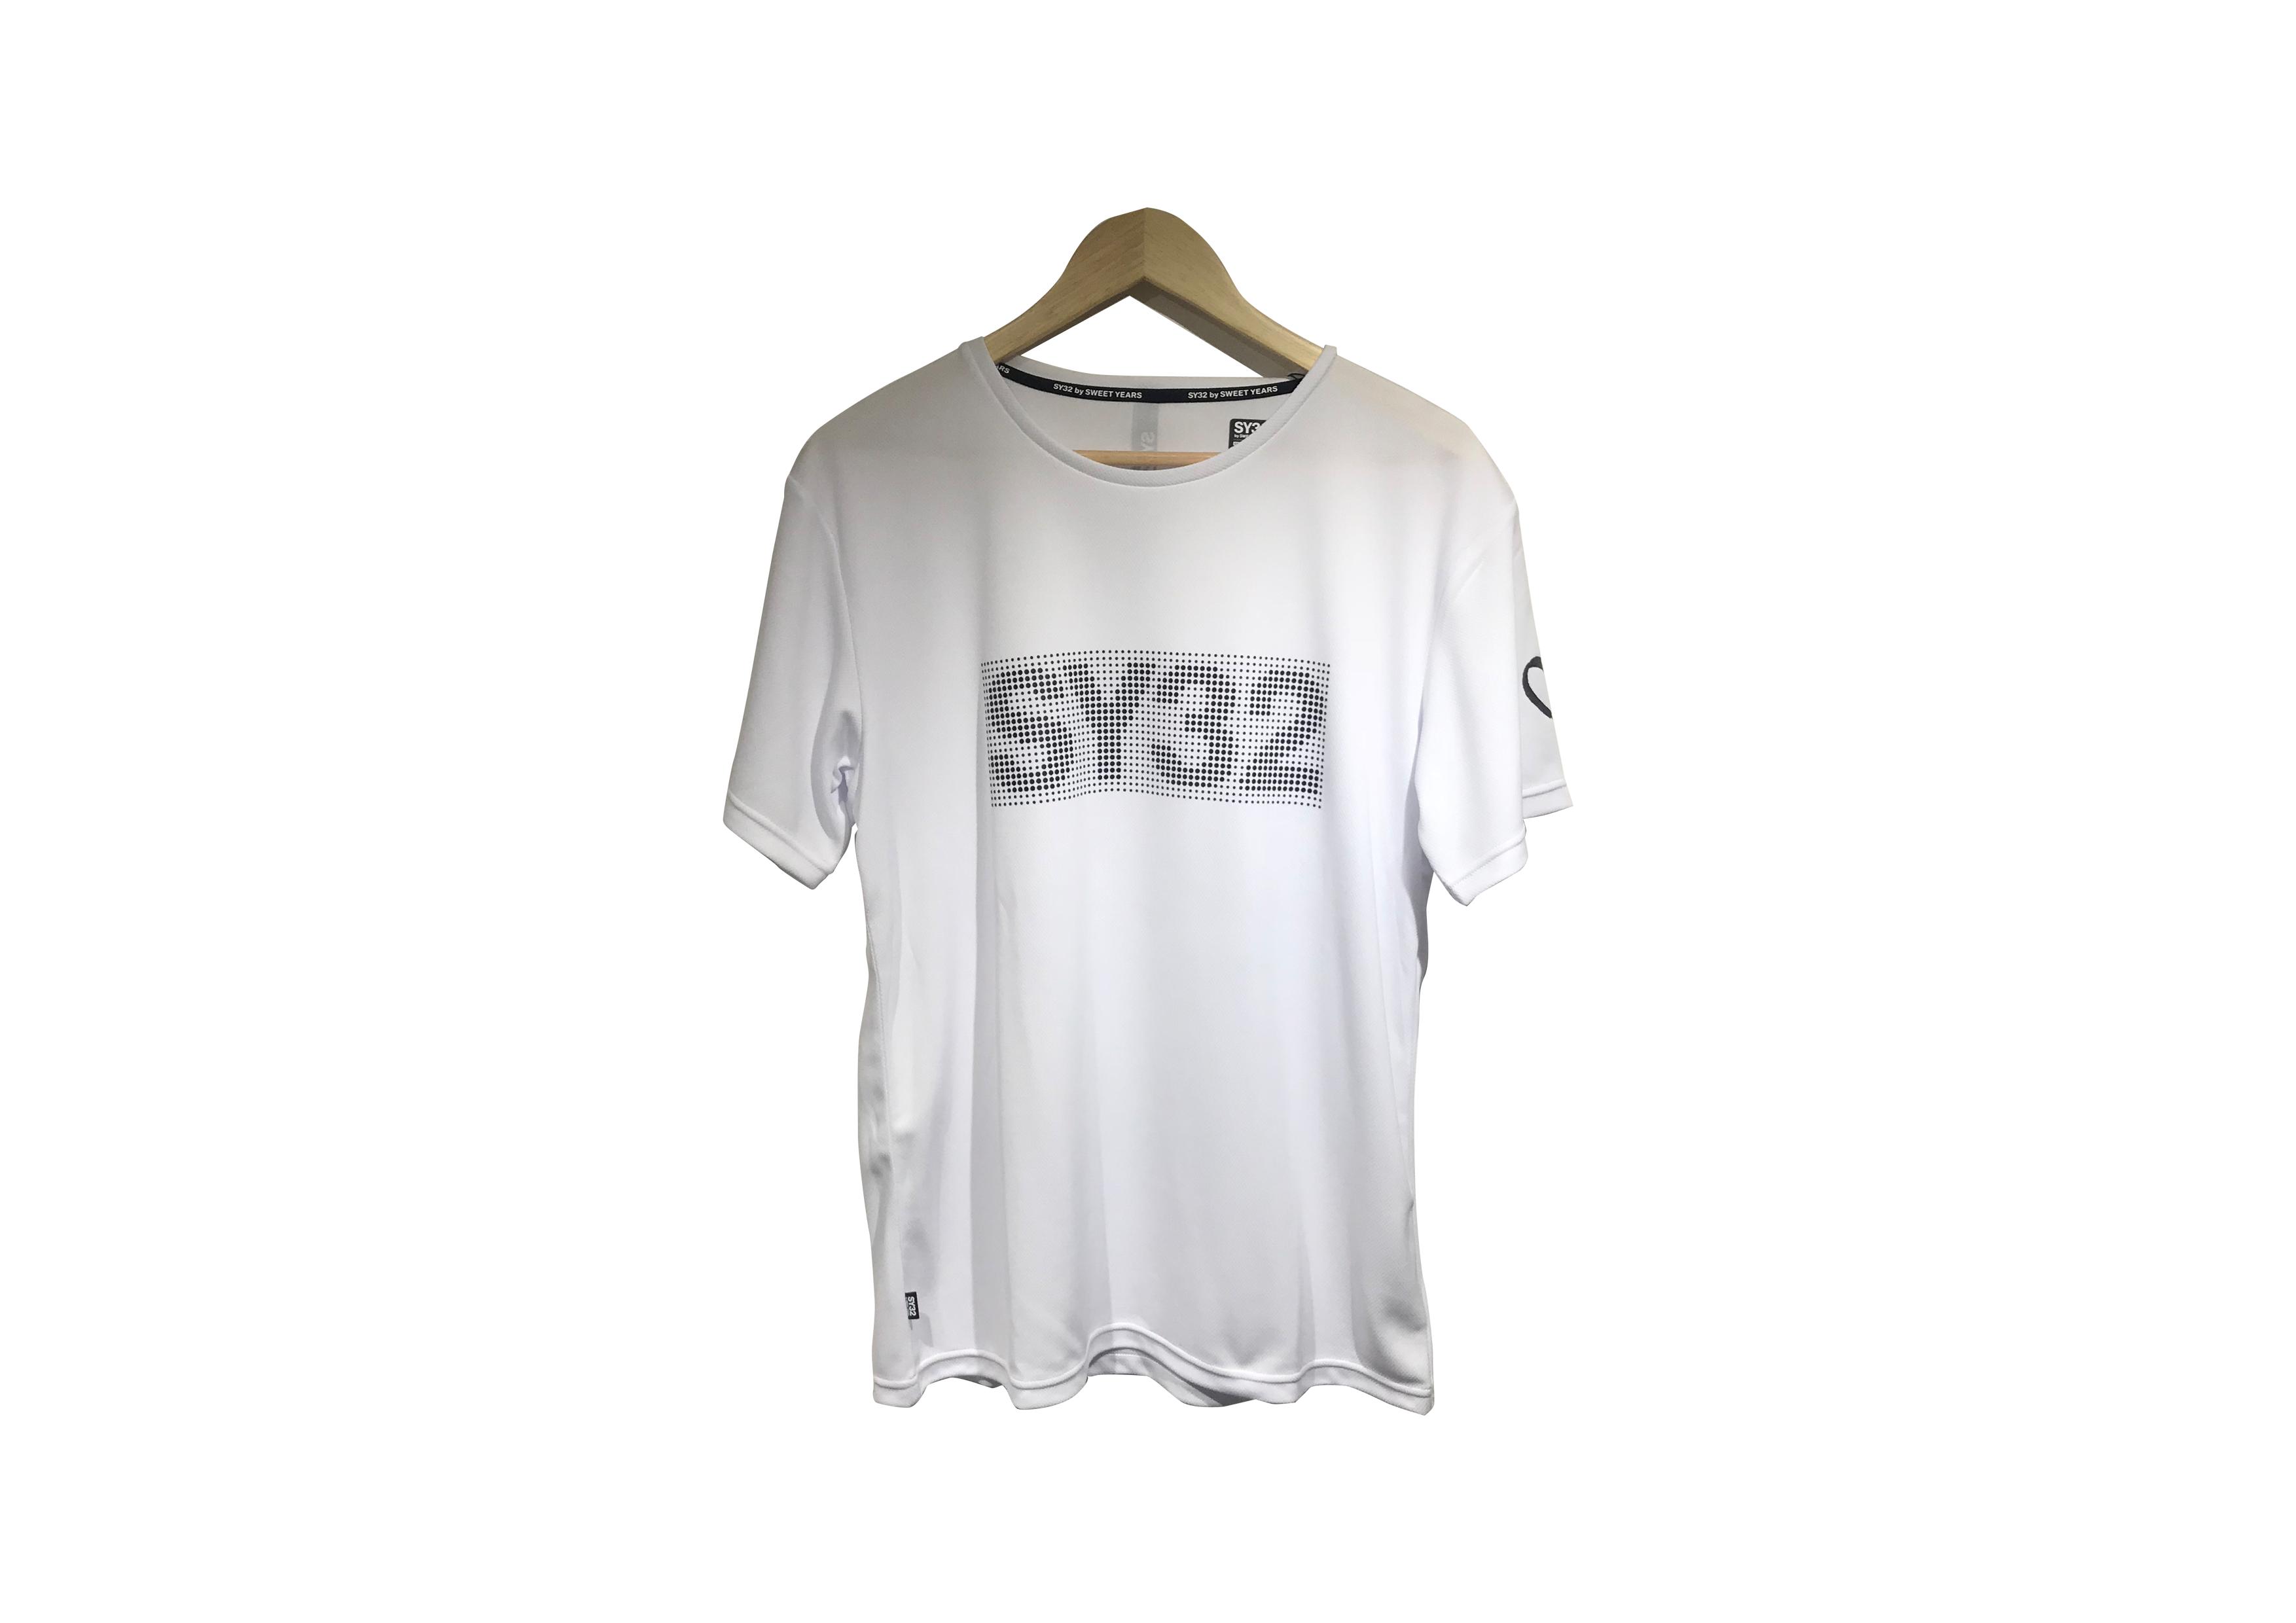 SY32 パフォーマンスボックスロゴTシャツ(8040GE)